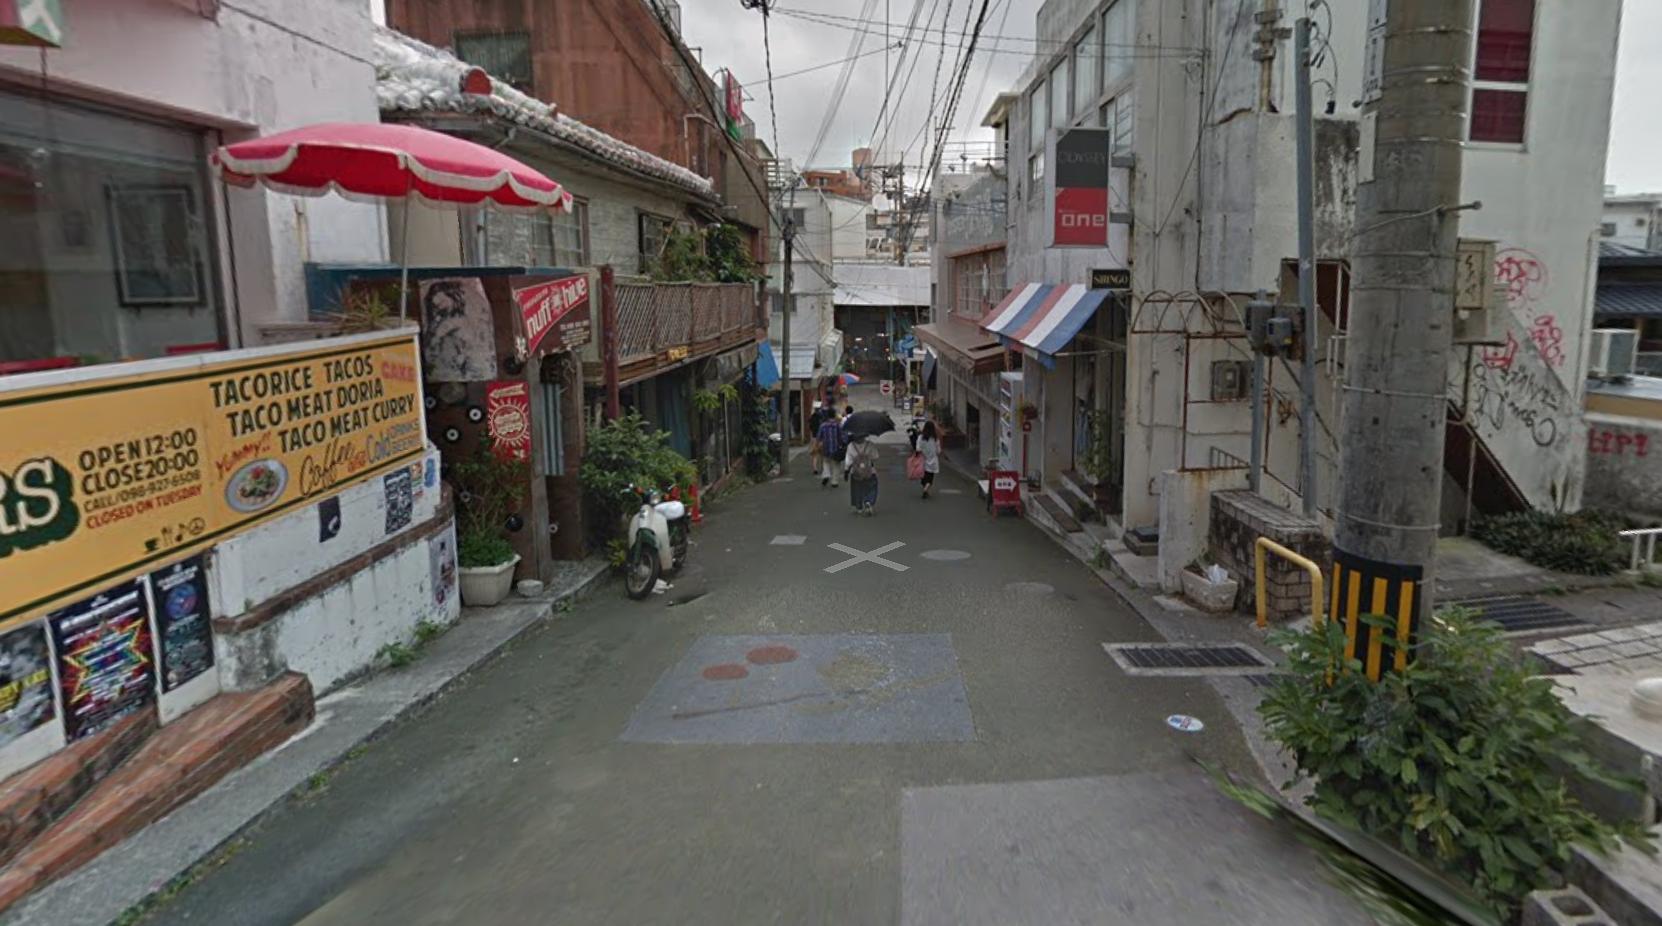 006. 동물을 만날 수 있는 곳 - 일본 오키나와 나...